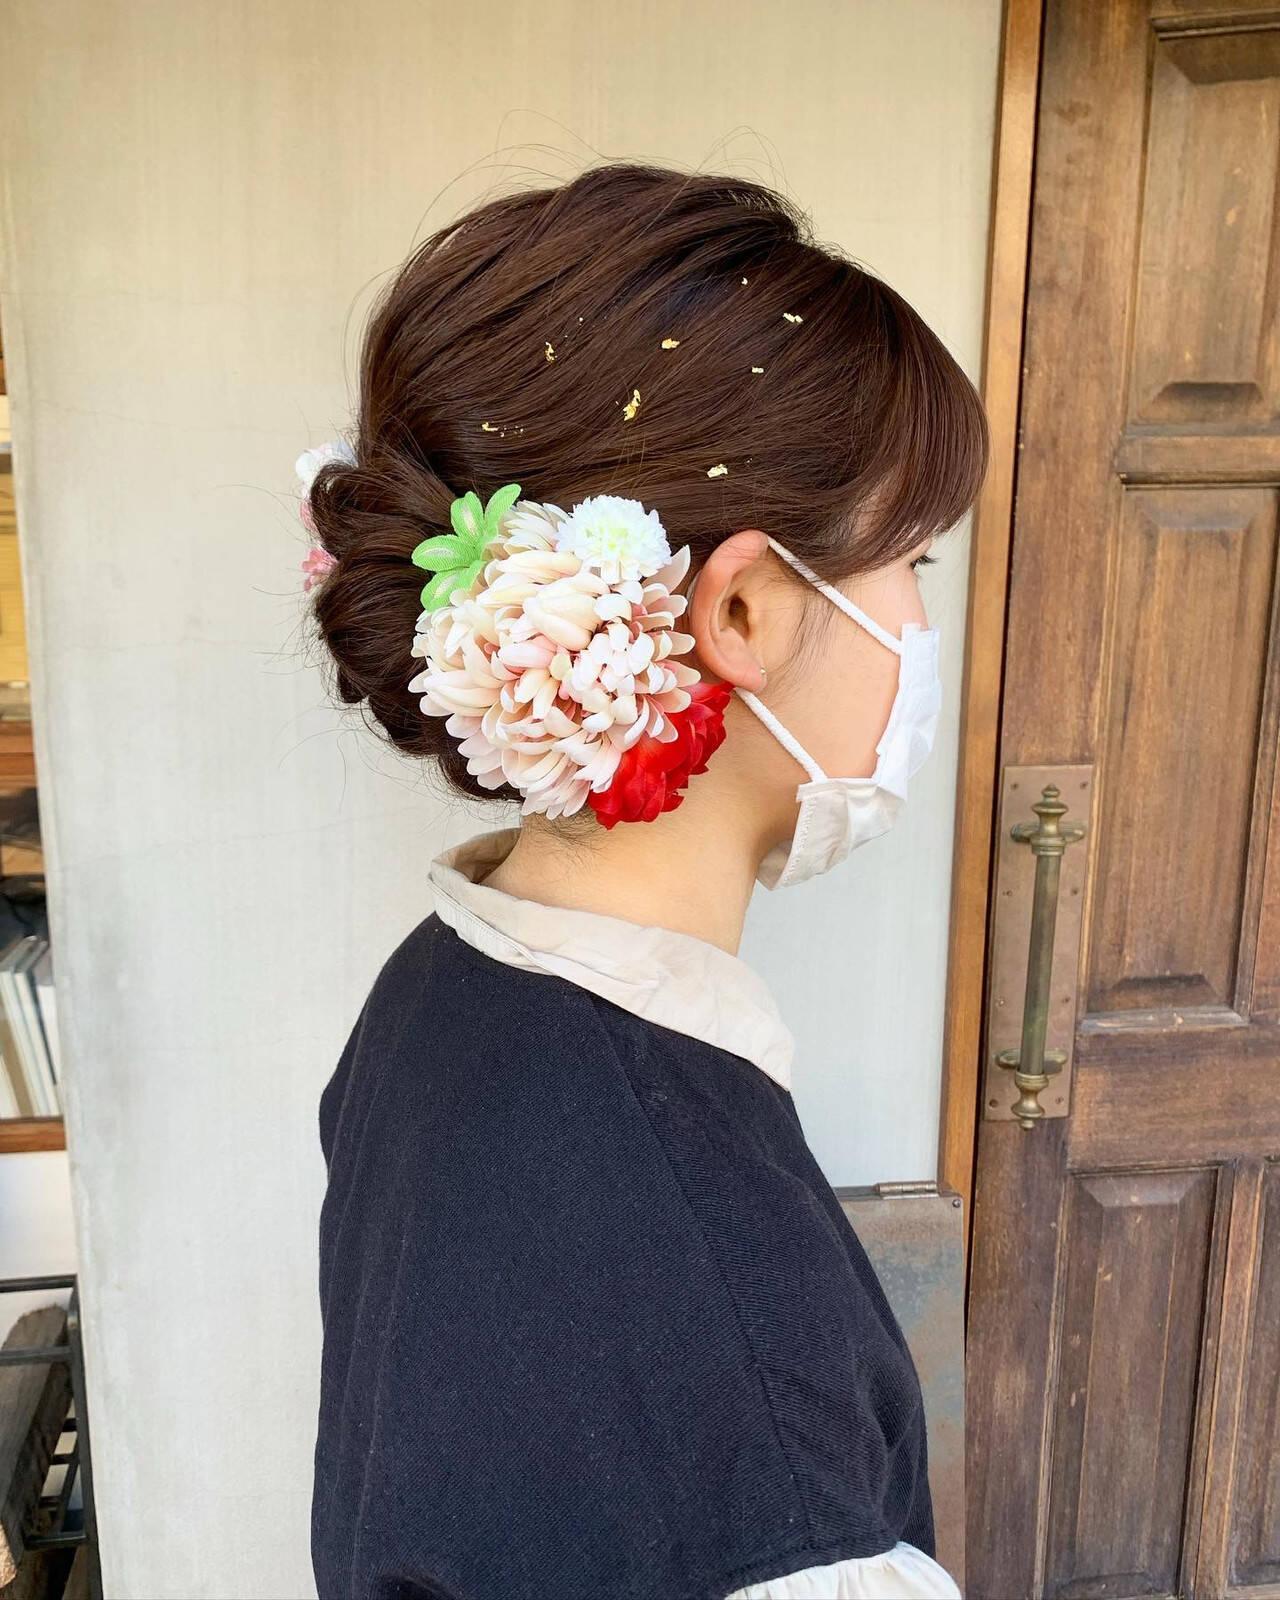 ロング 結婚式ヘアアレンジ 成人式ヘアメイク着付け 成人式ヘアヘアスタイルや髪型の写真・画像